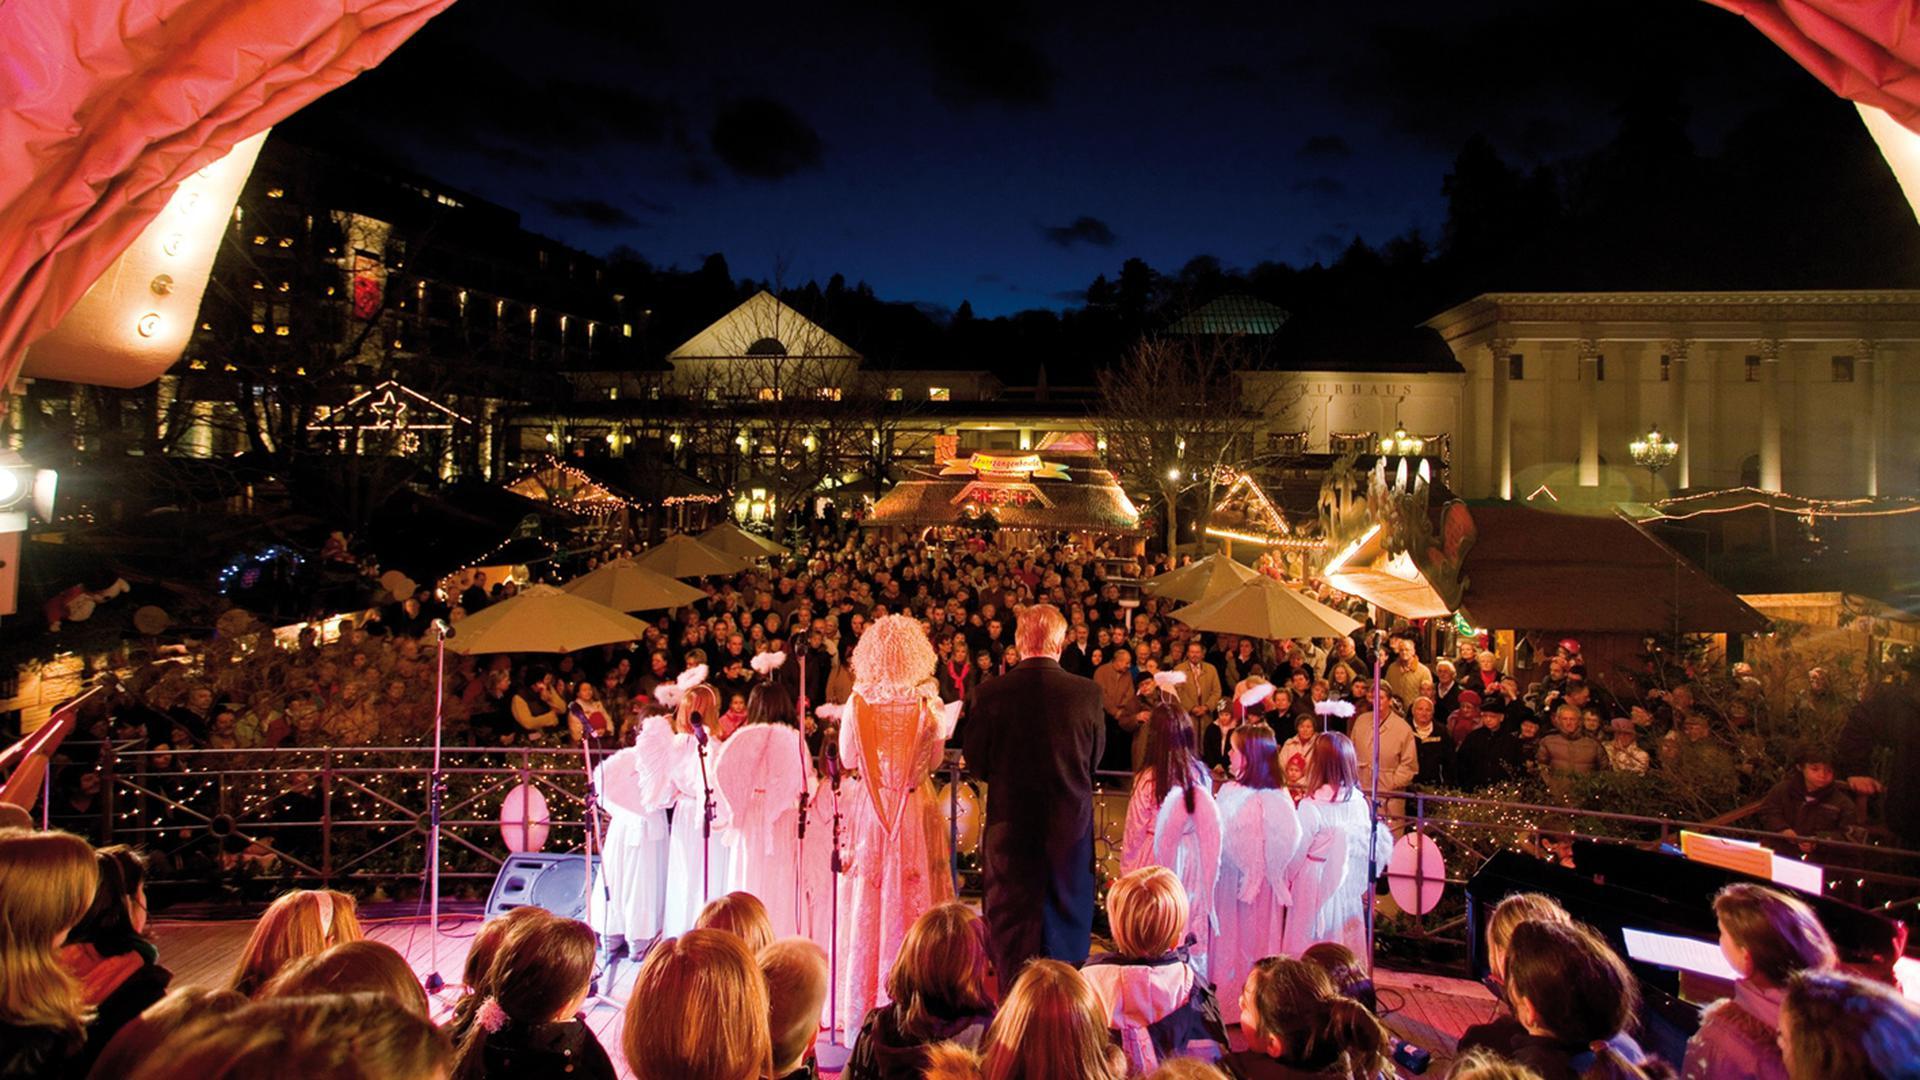 Ein Chor steht auf der Konzertmuschel vor dem Kurhaus in Baden-Baden, davor stehen beim Christkindelsmarkt zahlreiche Zuschauer.